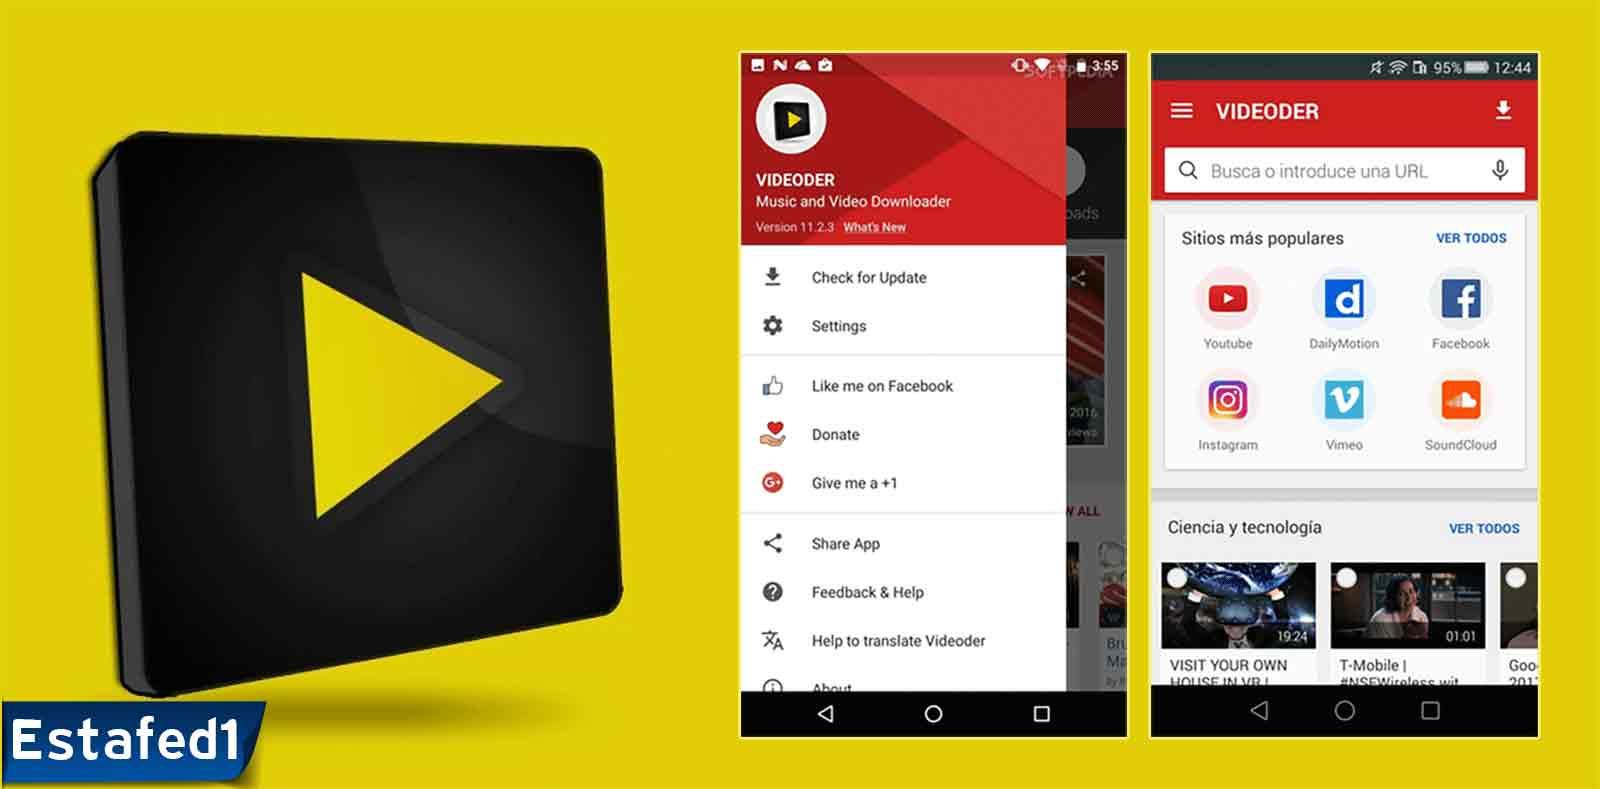 برنامج تنزيل الفيديو من اليوتيوب videoder